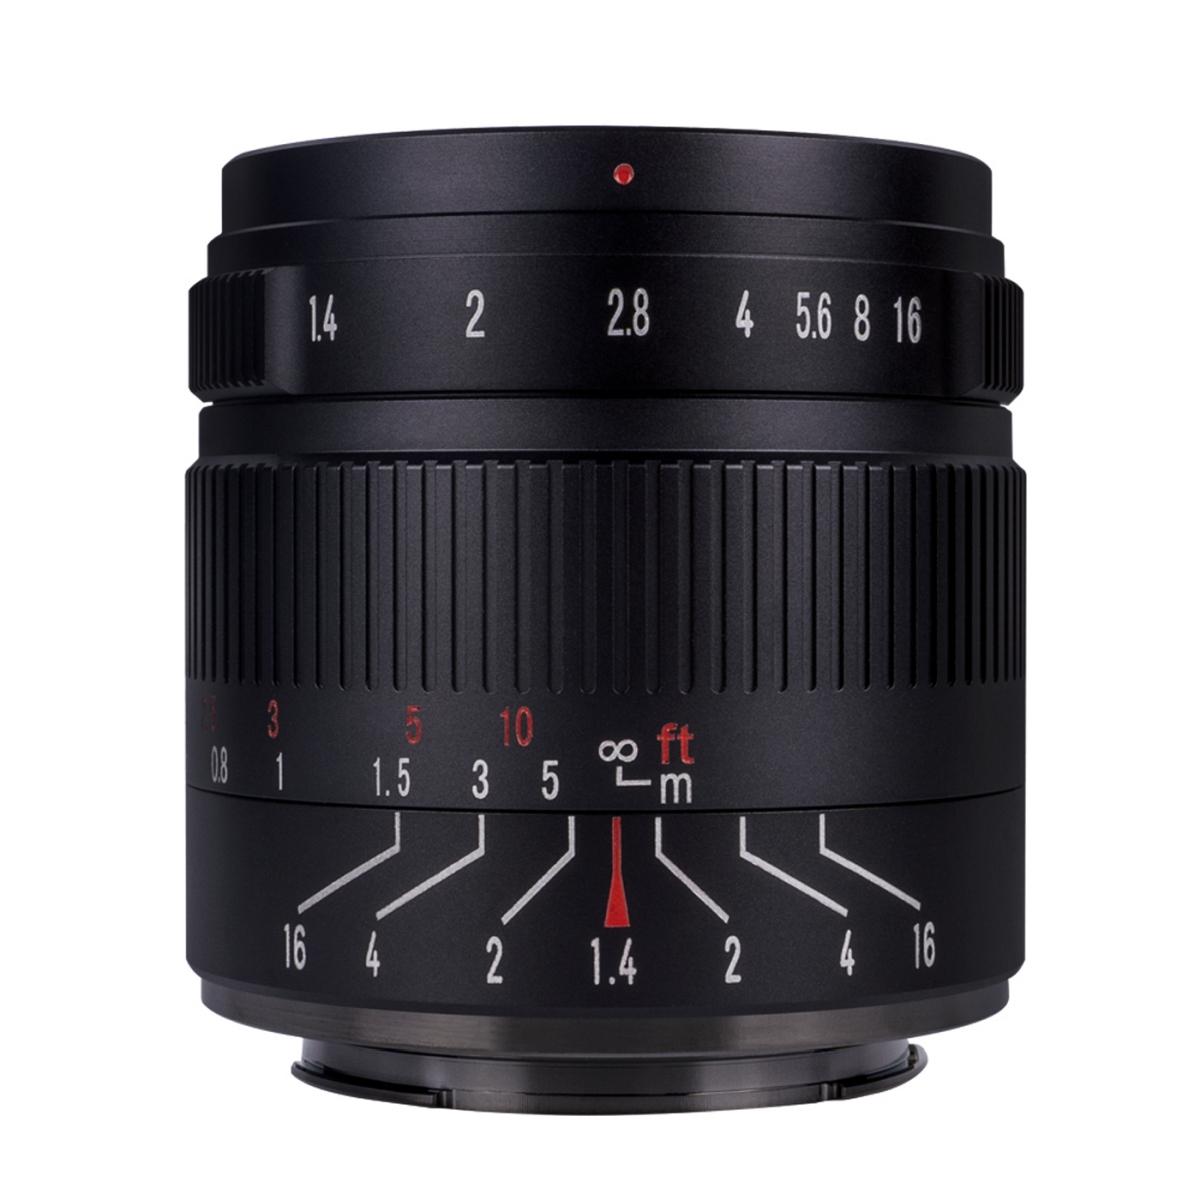 7Artisans 55 mm 1:1,4 II für Fujifilm X